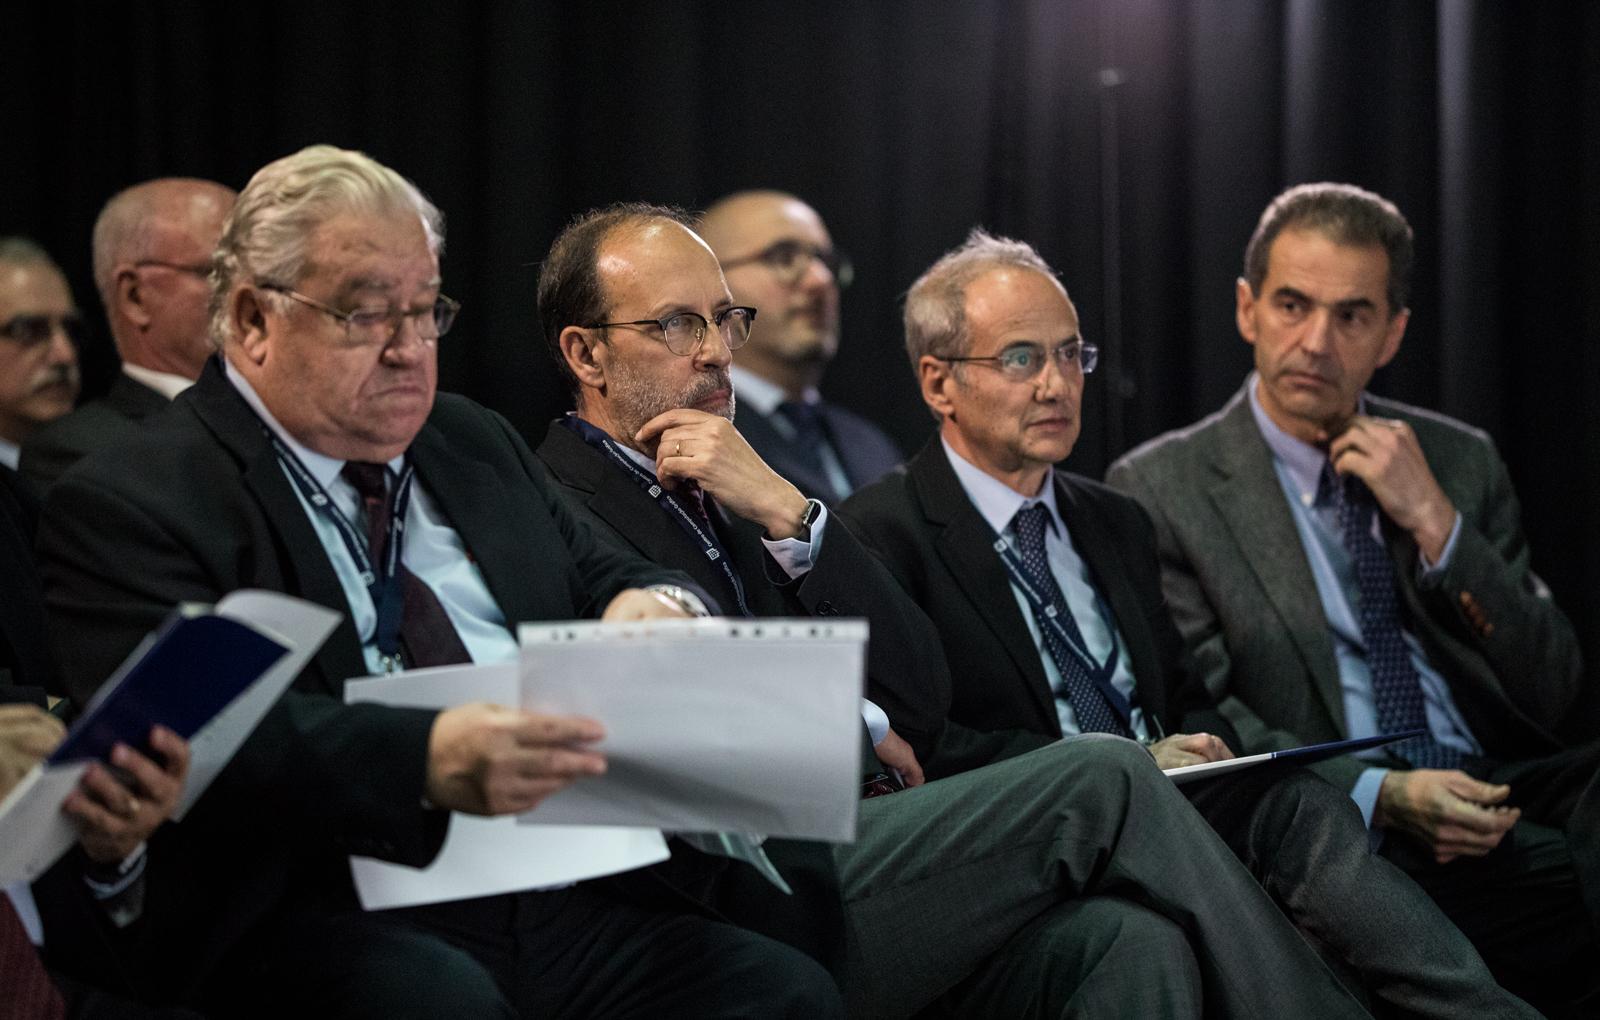 Primeira fila do auditório (foto: Nuno Gonçalves)